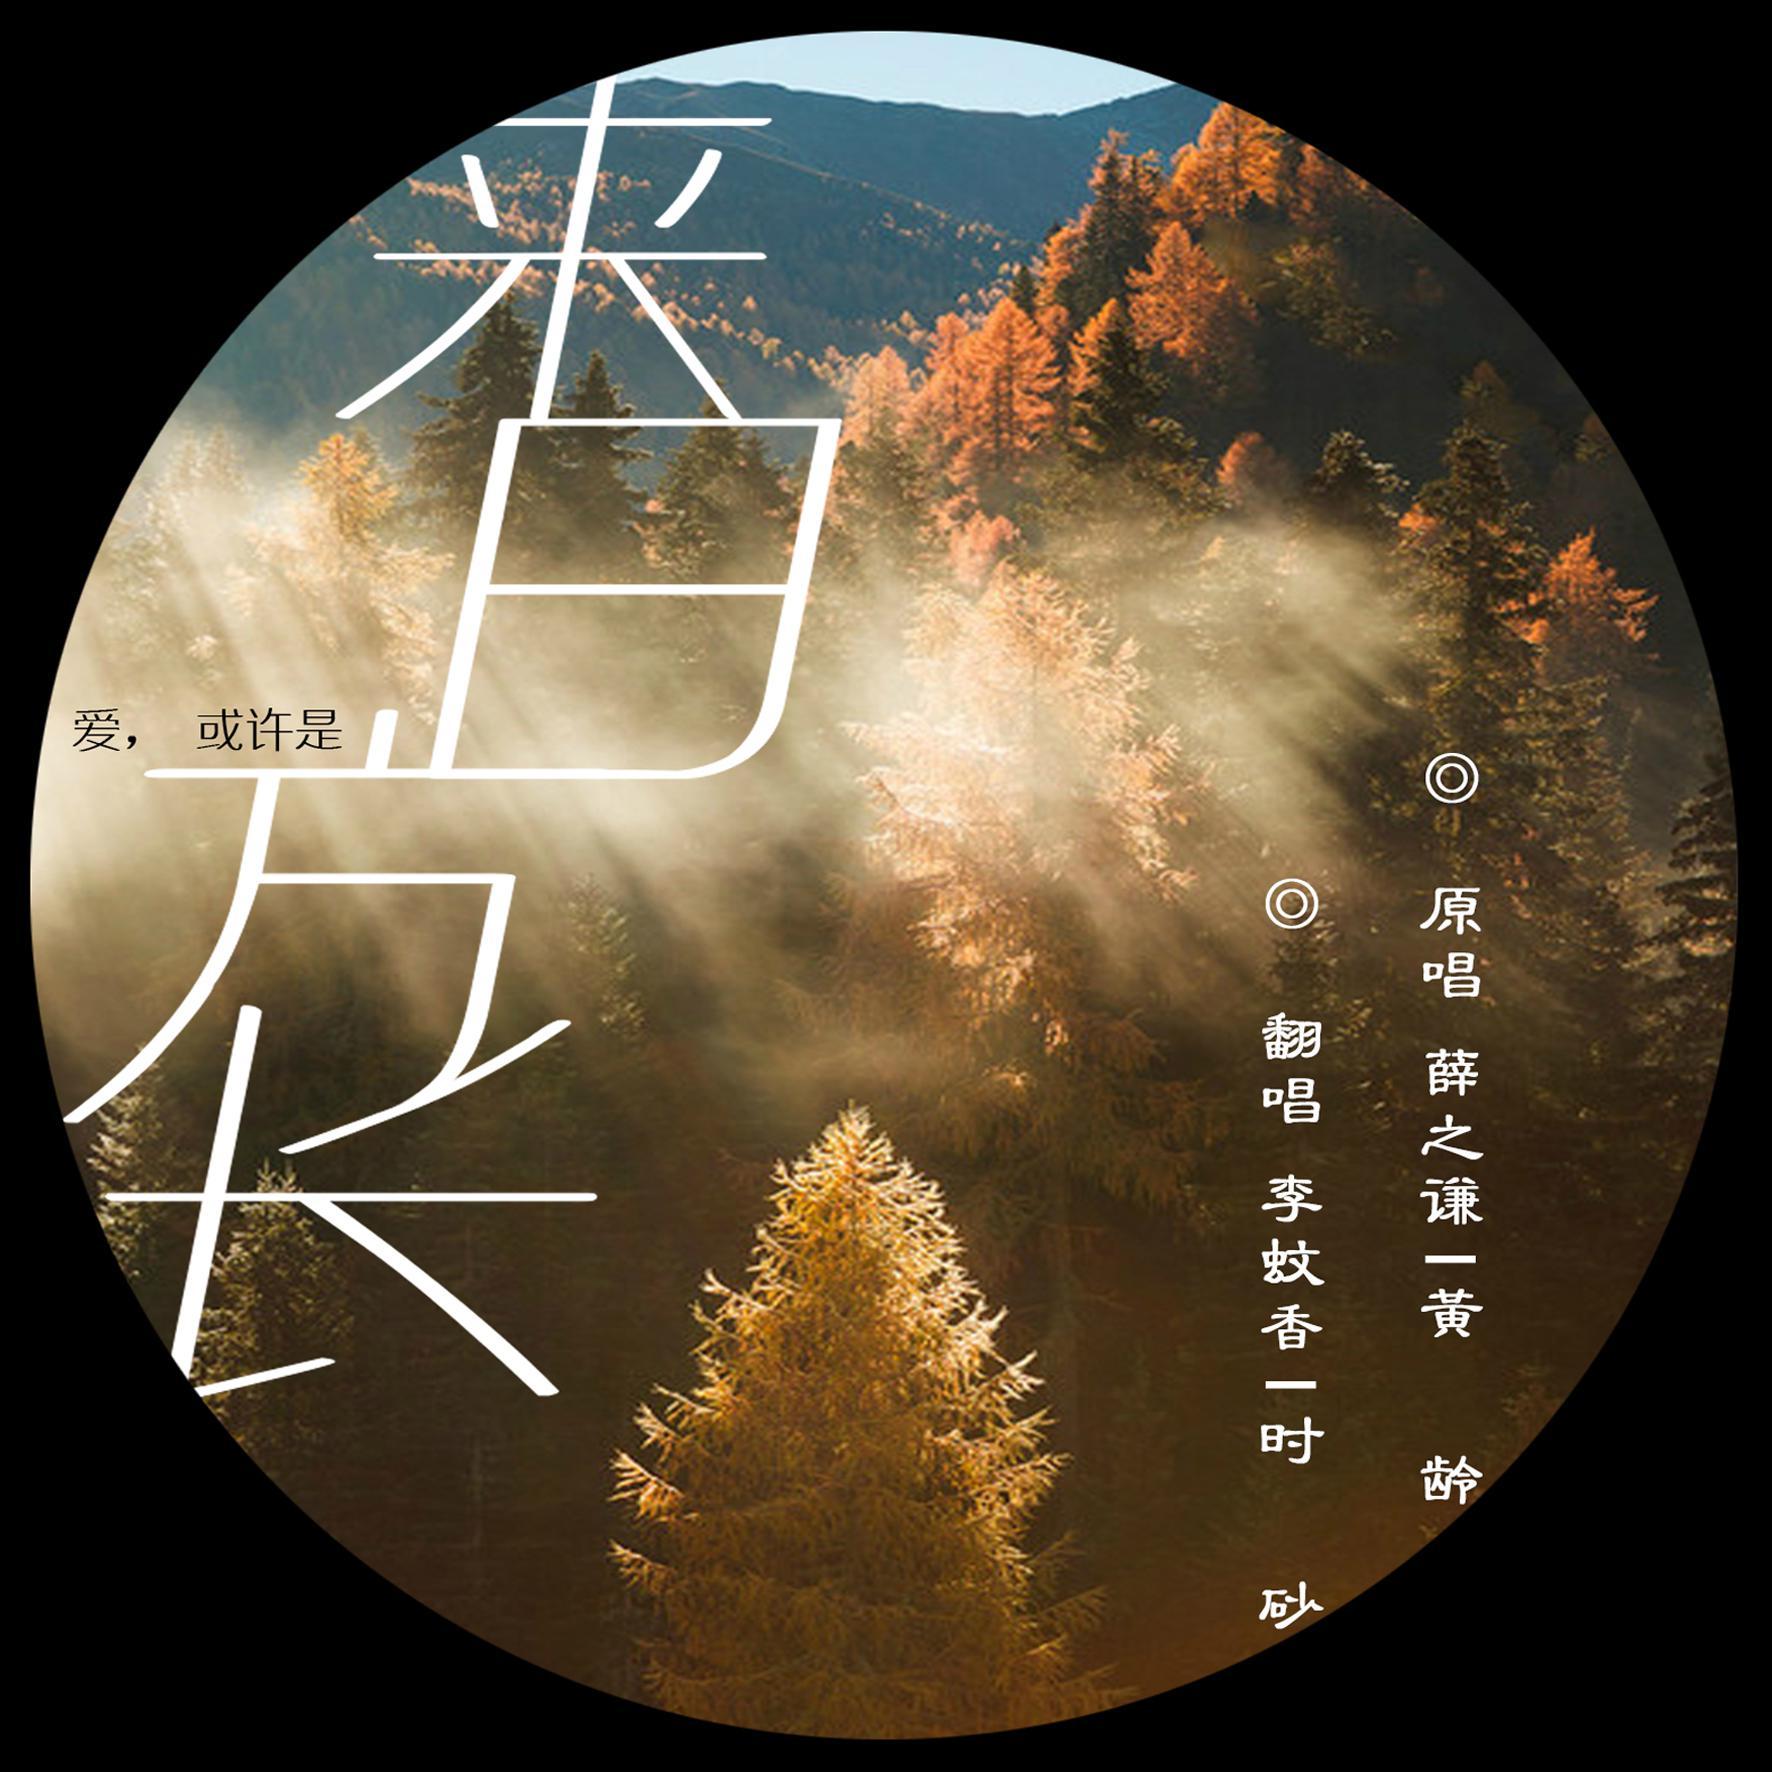 来日方长(cover02薛之谦02/黄龄)